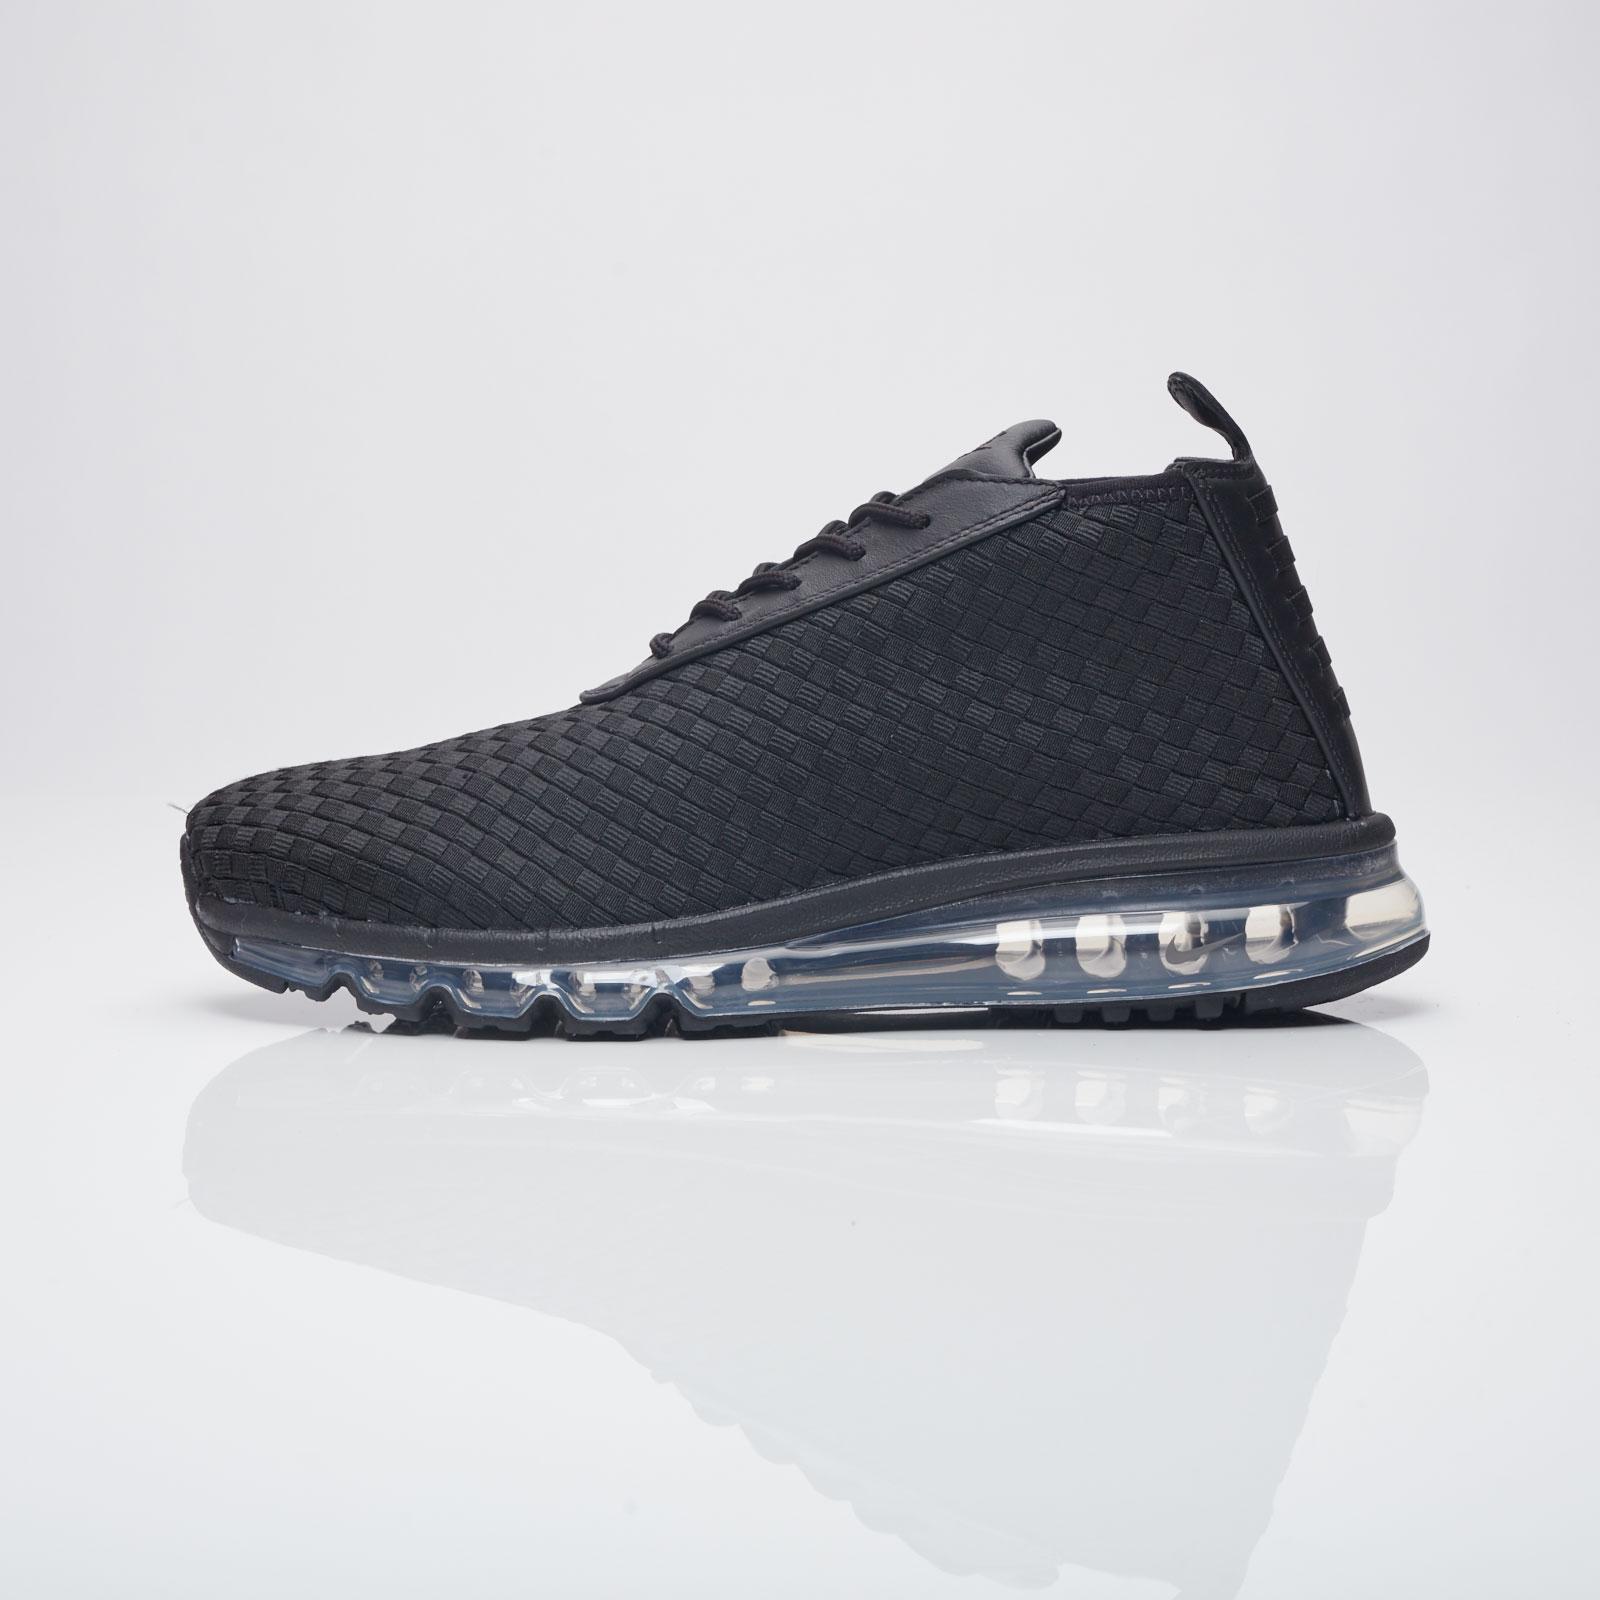 nike sportwear air max woven boot